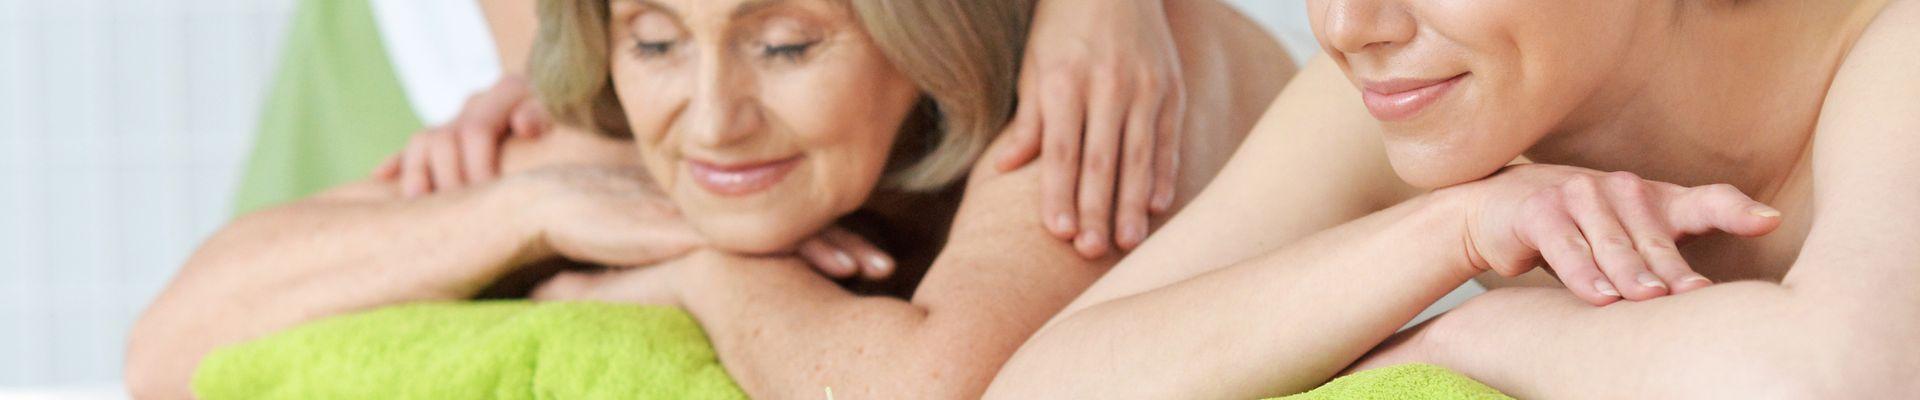 Wellness für Frauen